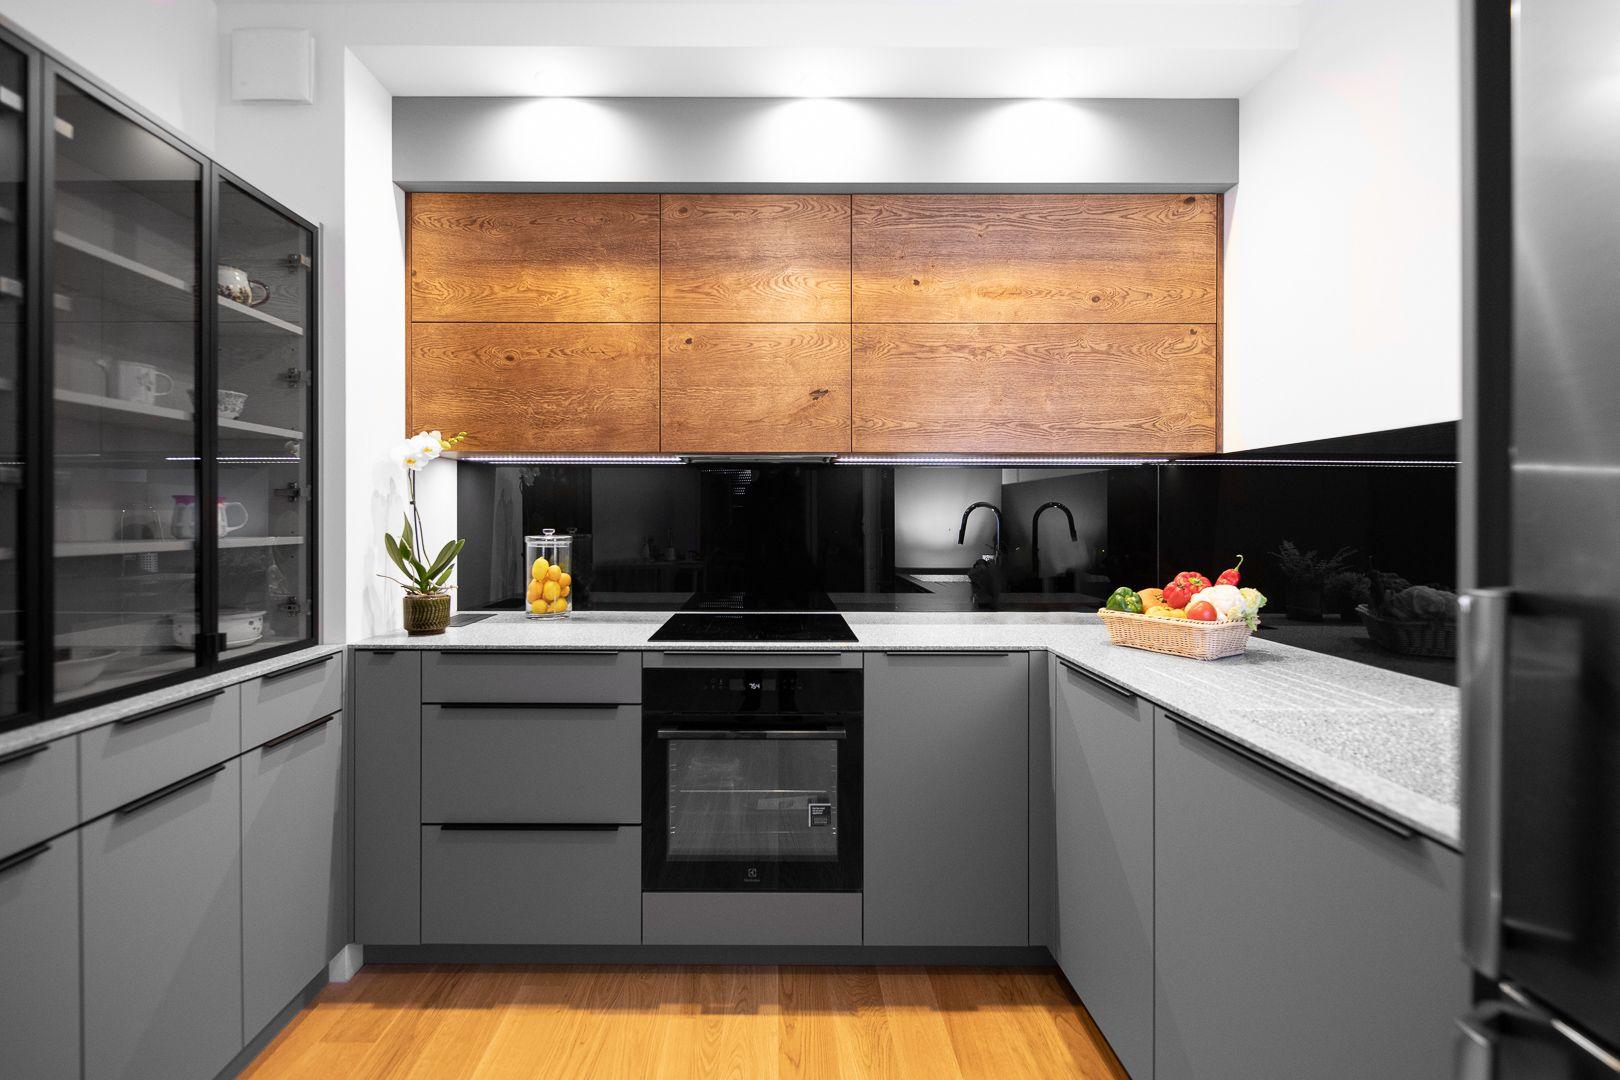 Niewielka Zabudowa Kuchenna Wykonana Z Najwyzszej Jakosci Materialow I Systemow Swiatowej Klasy Kitchen Kitchen Cabinets Home Decor